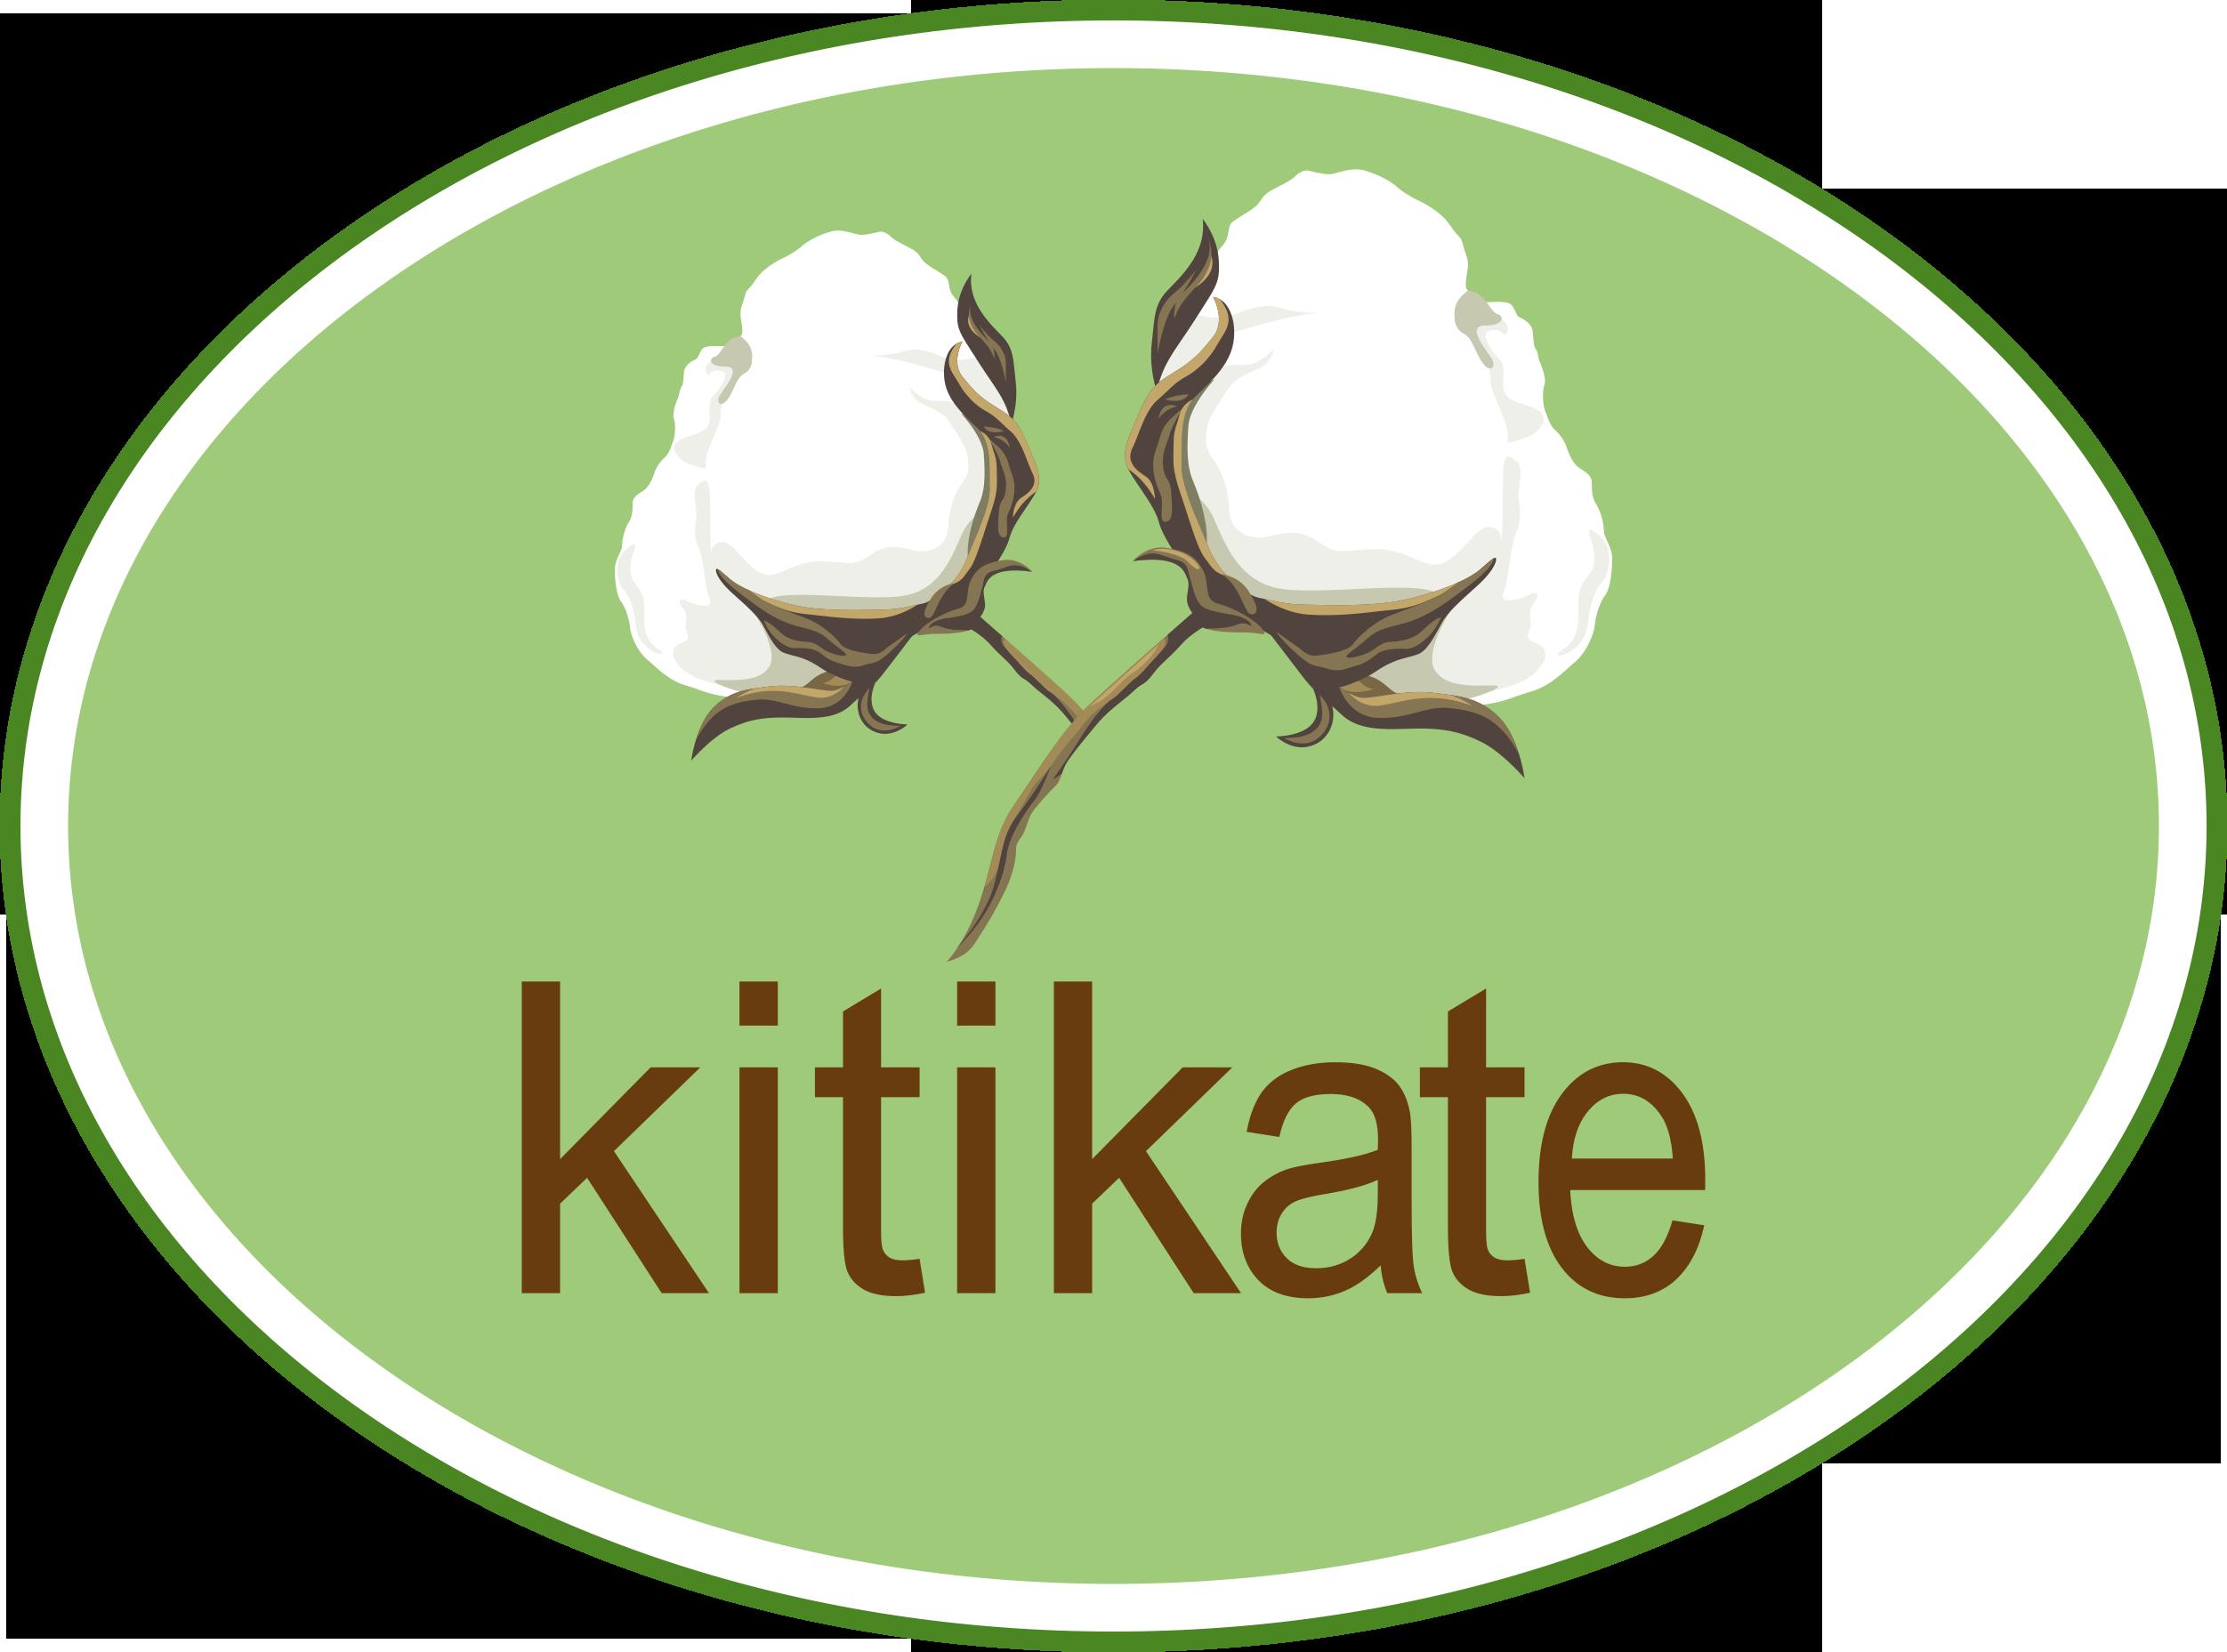 Výsledek obrázku pro kitikate logo